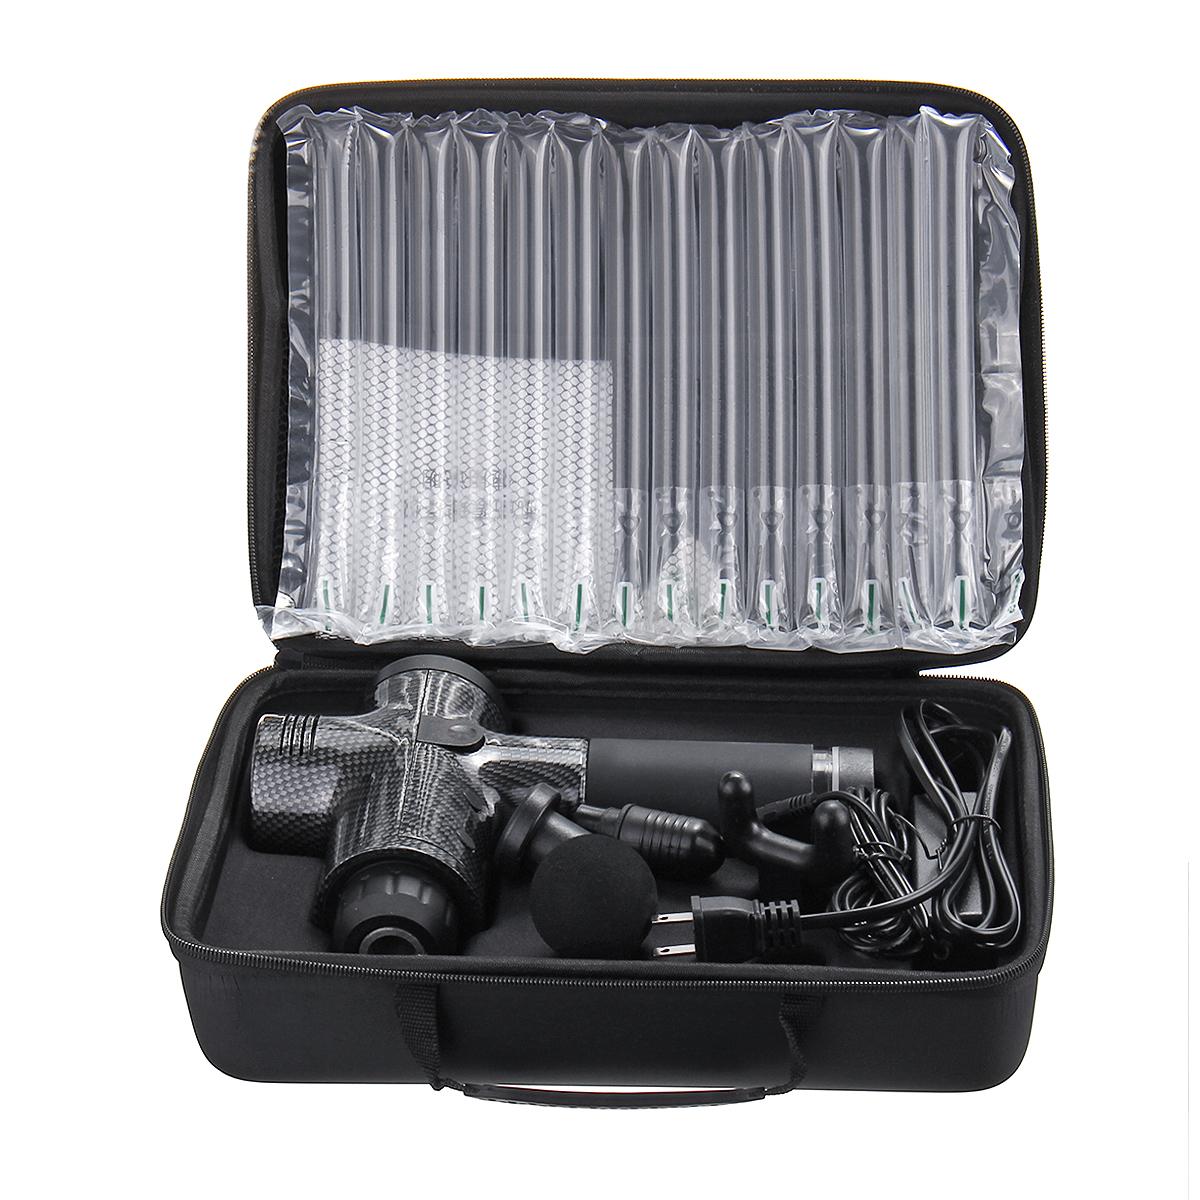 Профессиональный ручной массажер мышц для глубоких тканей Беспроводной 3-скоростной ударный вибрационный массажер - фото e1b522fd-f641-4914-9d2a-ba4c58cd2de1.jpeg